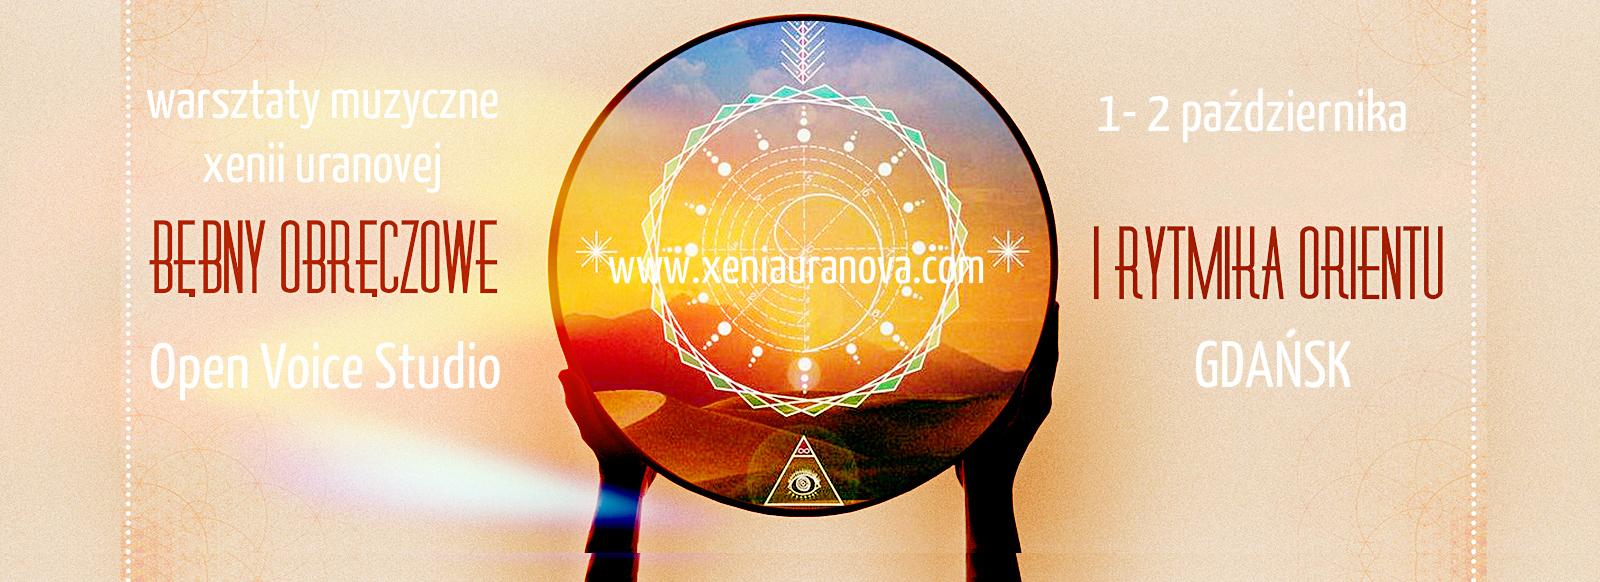 bebny_obręczowe_warsztaty_xenia_uranova